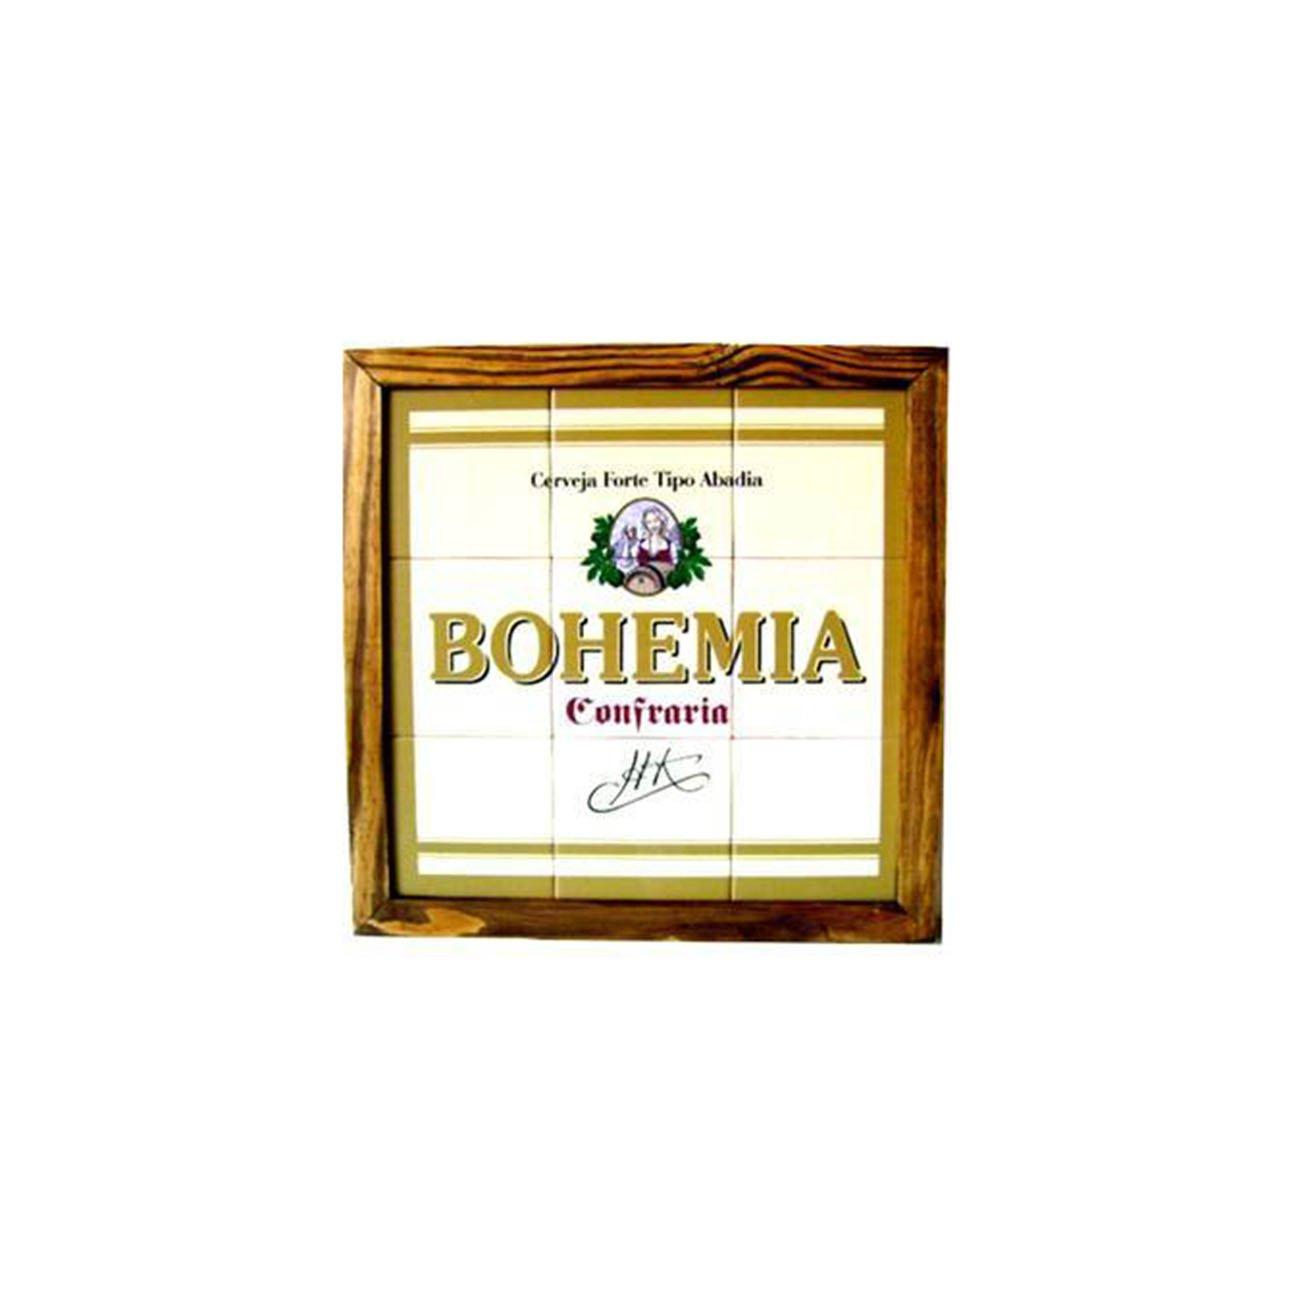 Mosaico Bohemia Pilsen